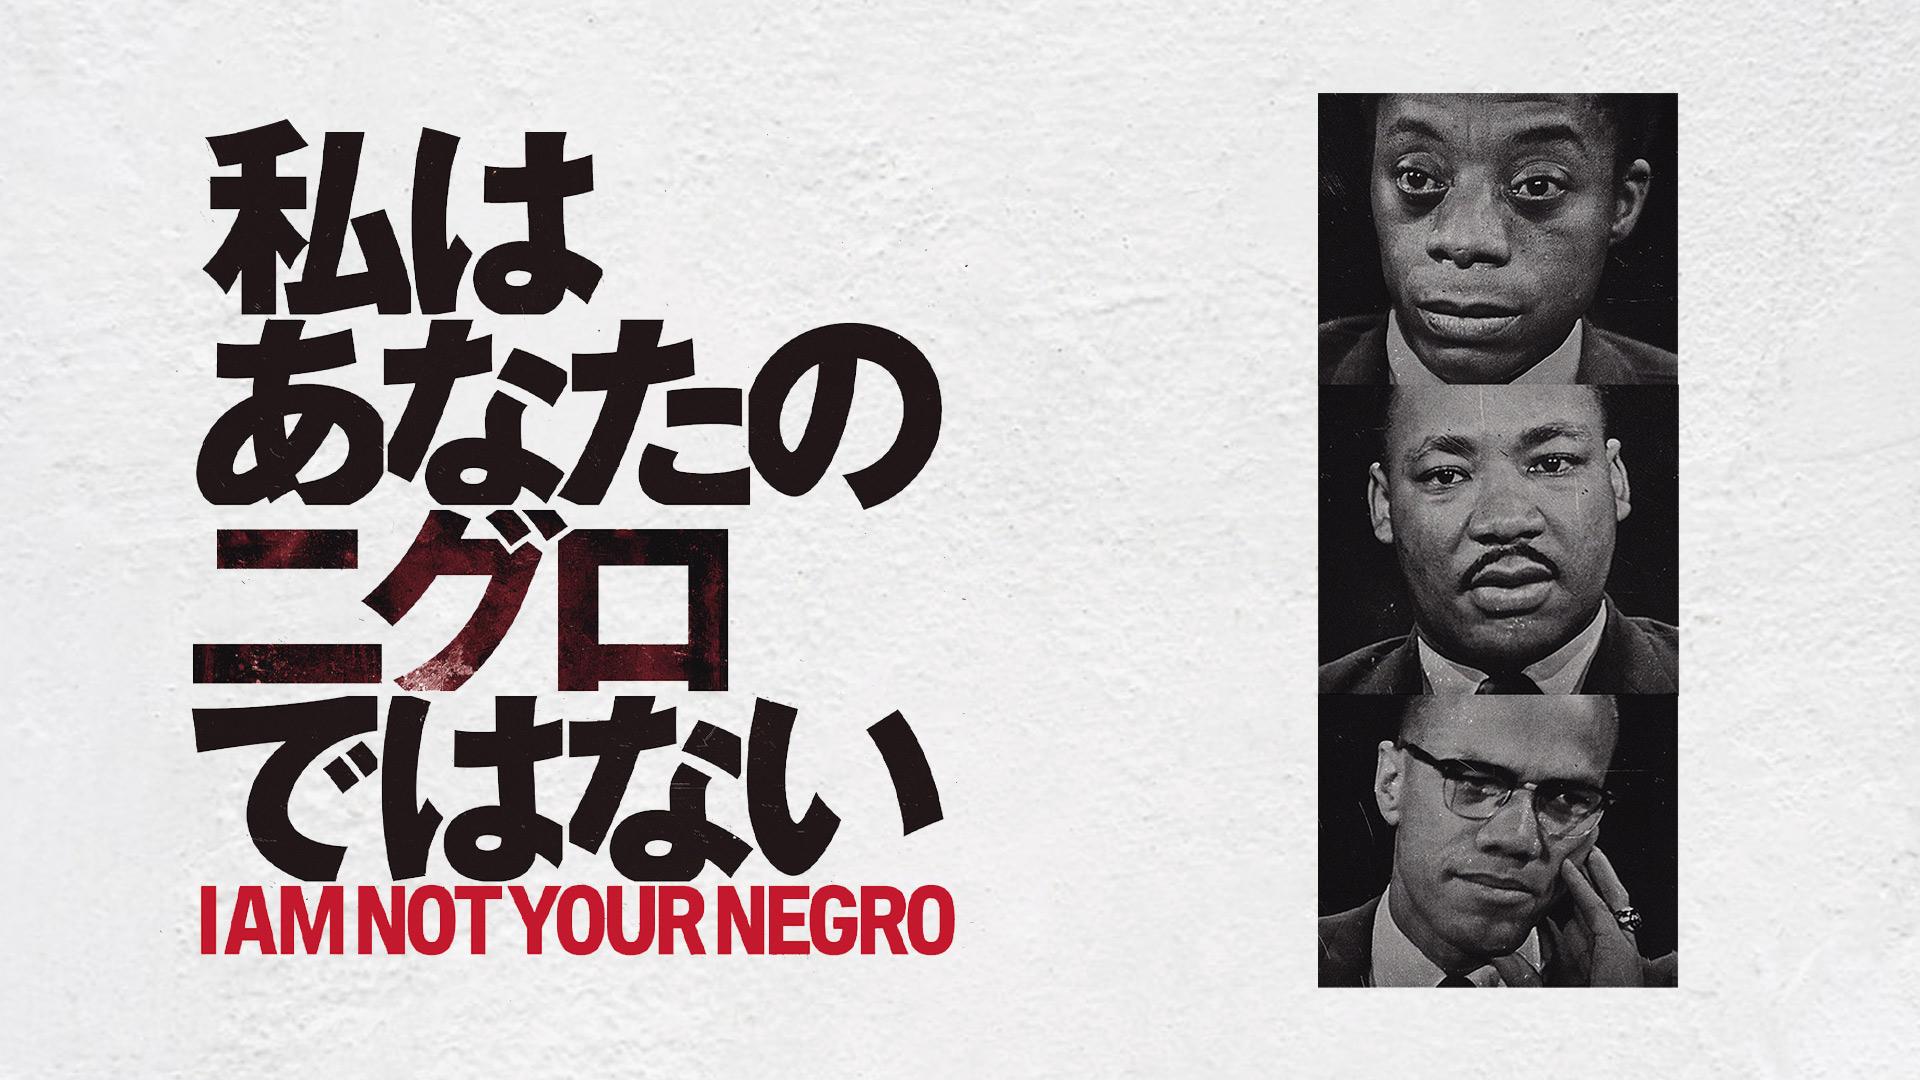 私はあなたのニグロではない(字幕版)